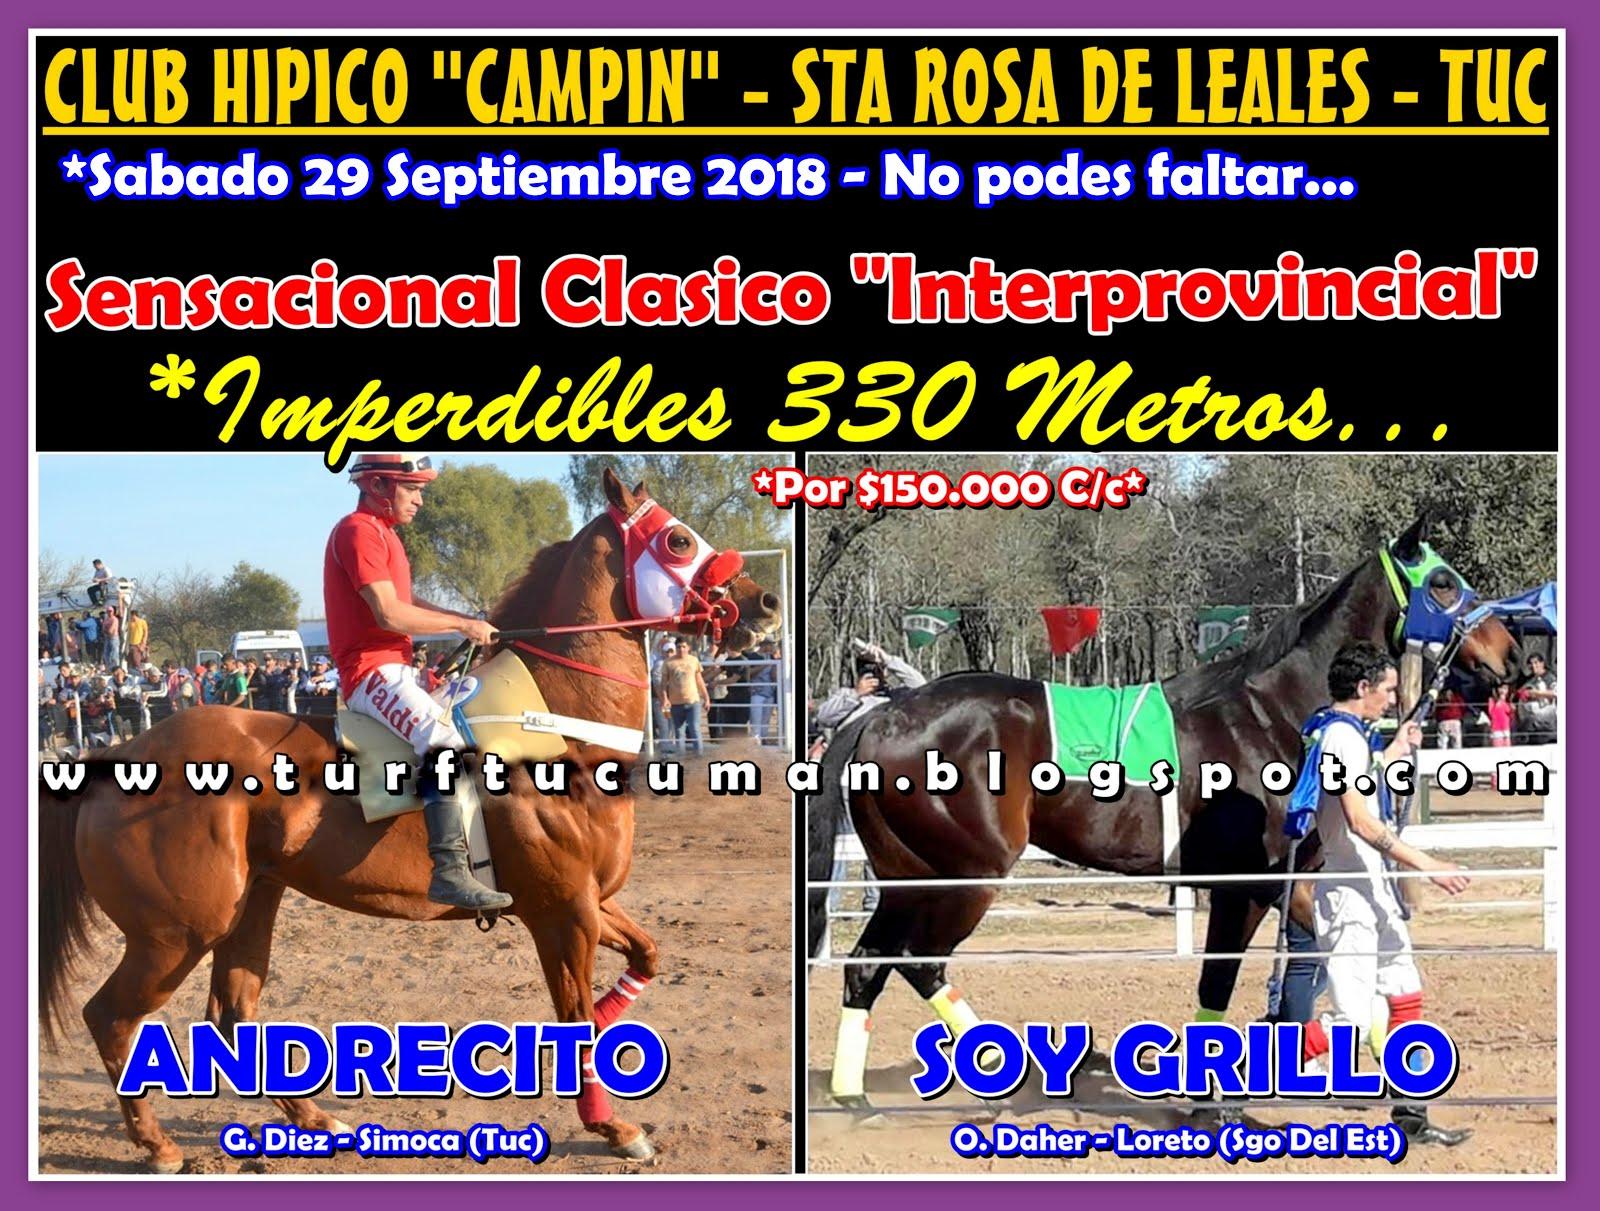 ANDRECITO VS SOY GRILLO